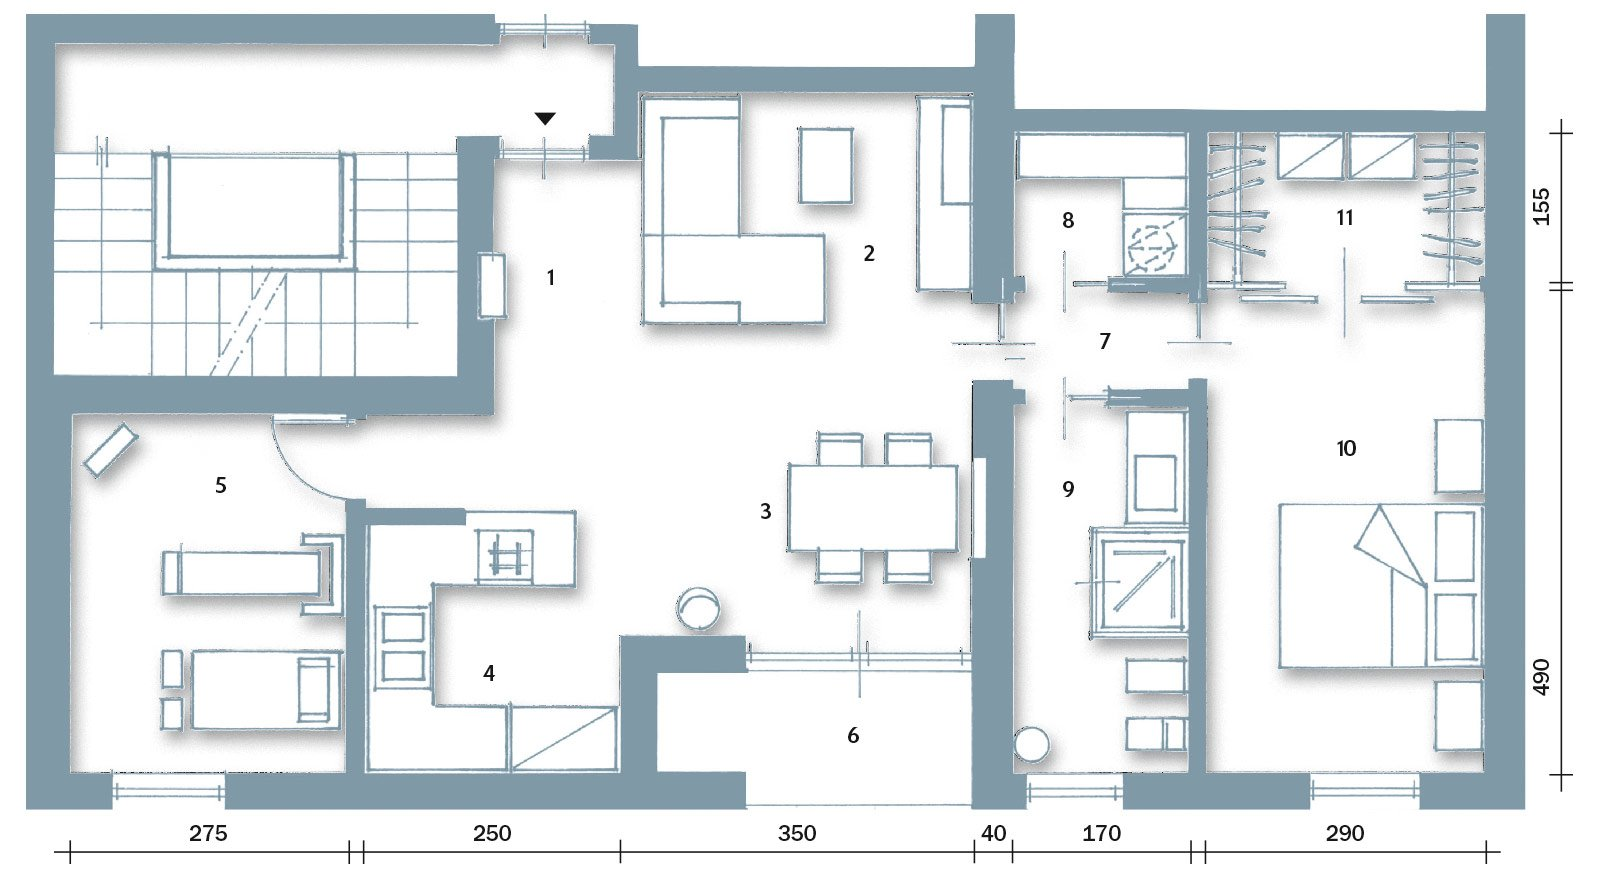 Casa con 10 trucchi 83 mq sembrano pi grandi cose di for Piante case moderne